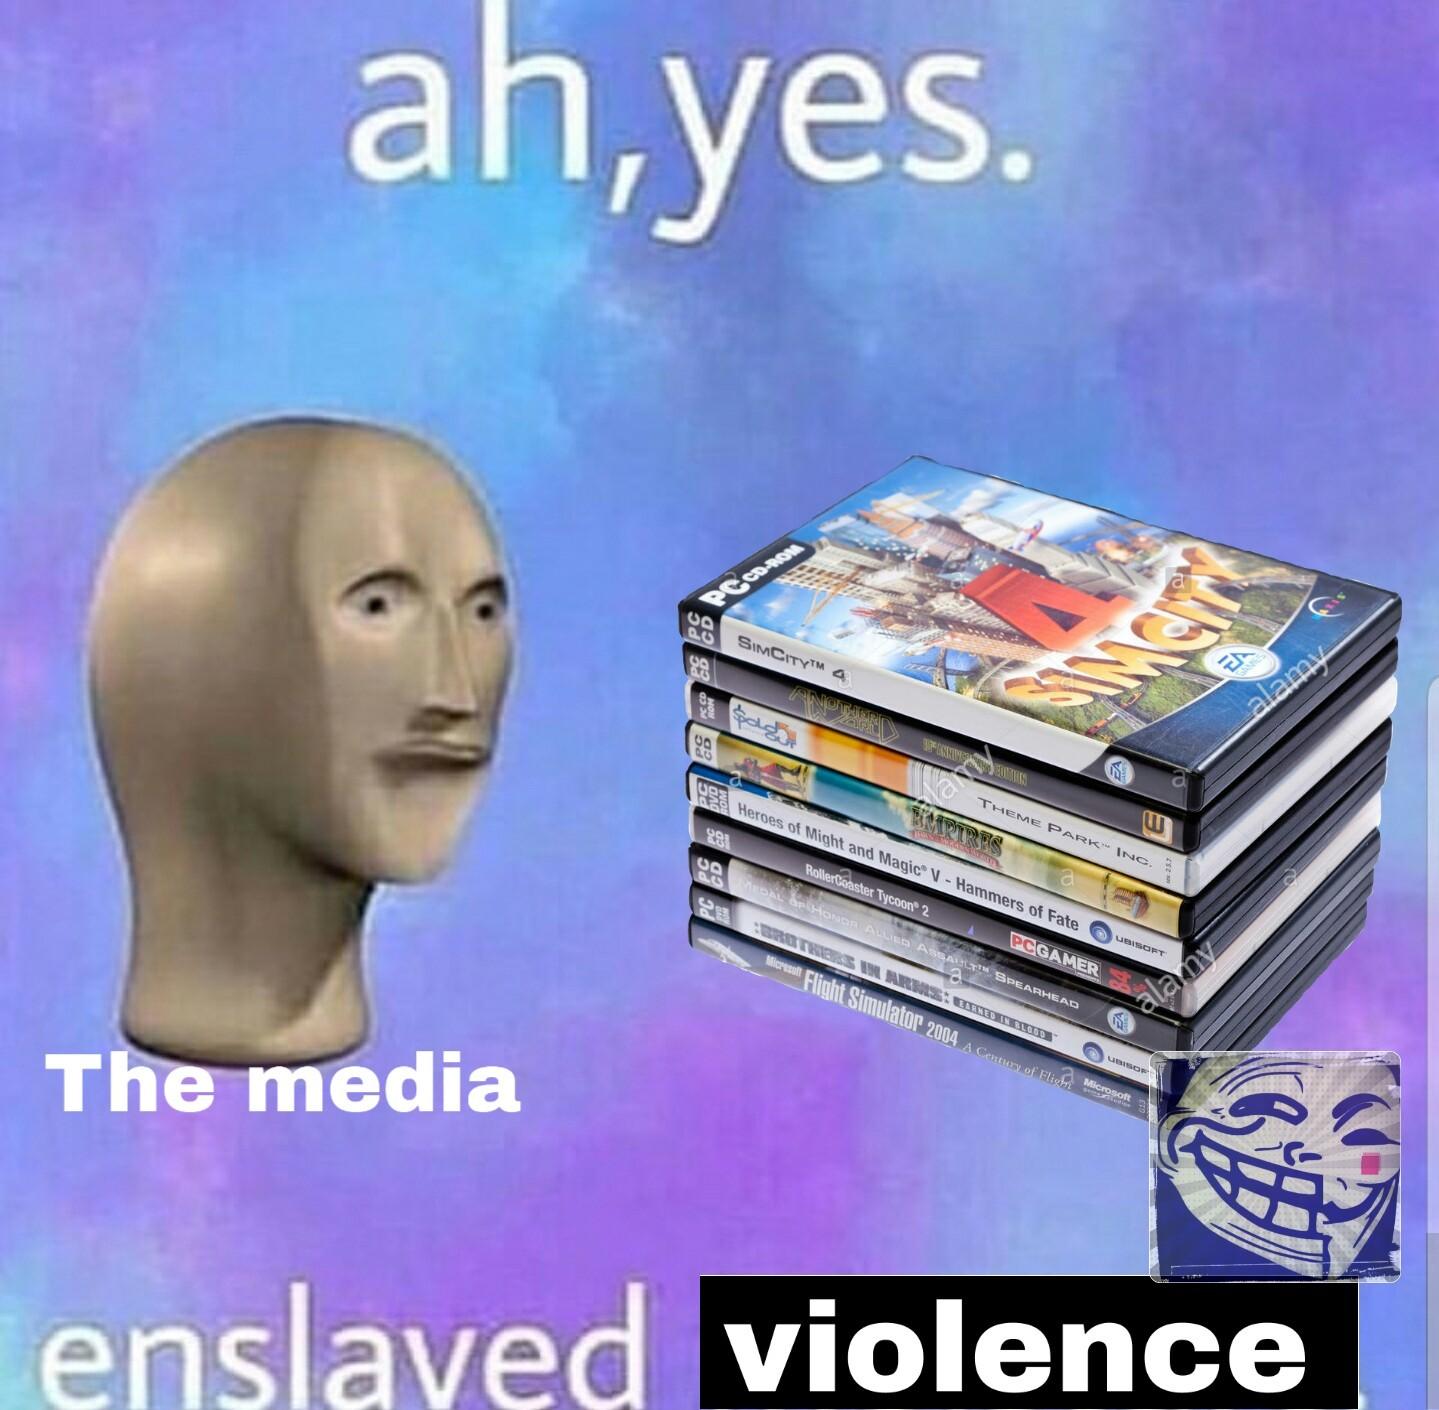 (looking at the media) Ah yes, enslaved lies - meme